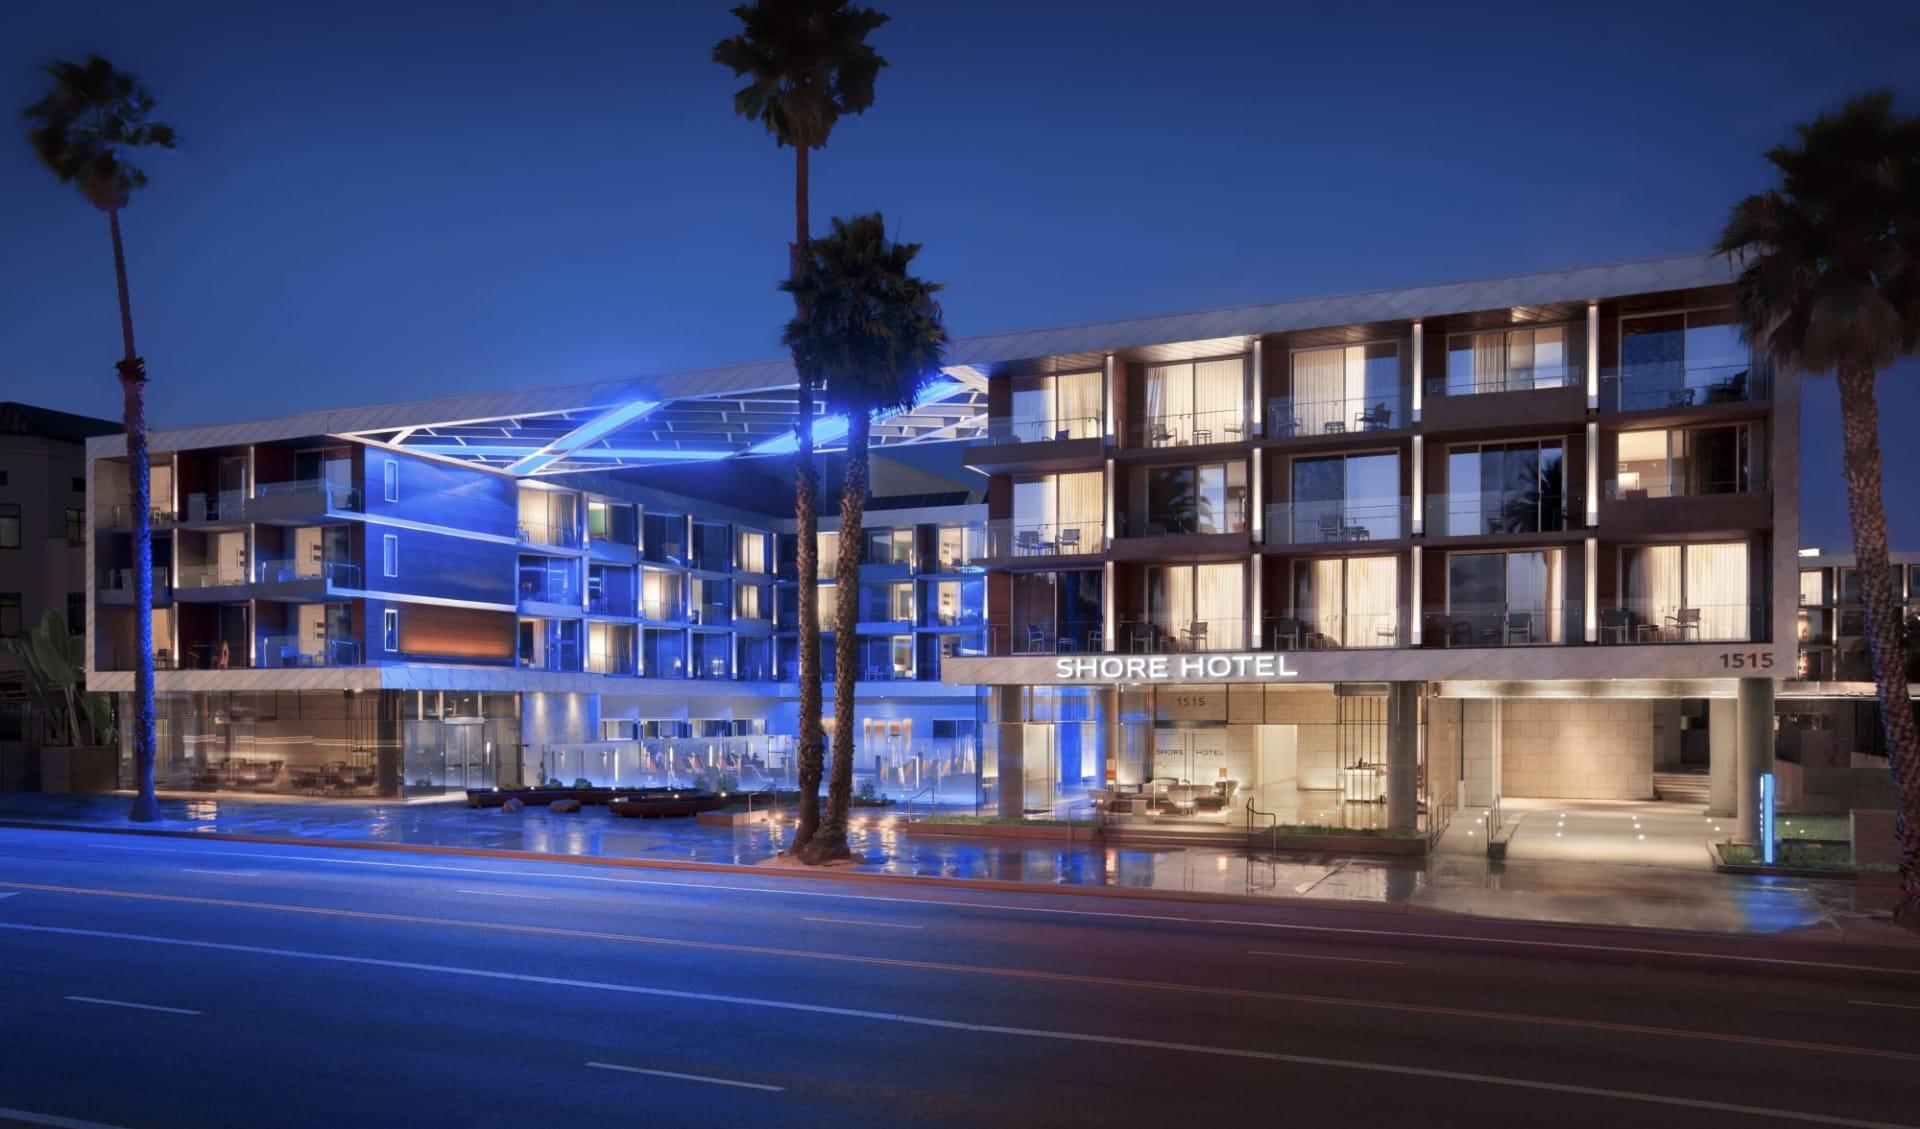 Shore Hotel in Santa Monica:  Shore Hotel - Aussenansicht bei Nacht